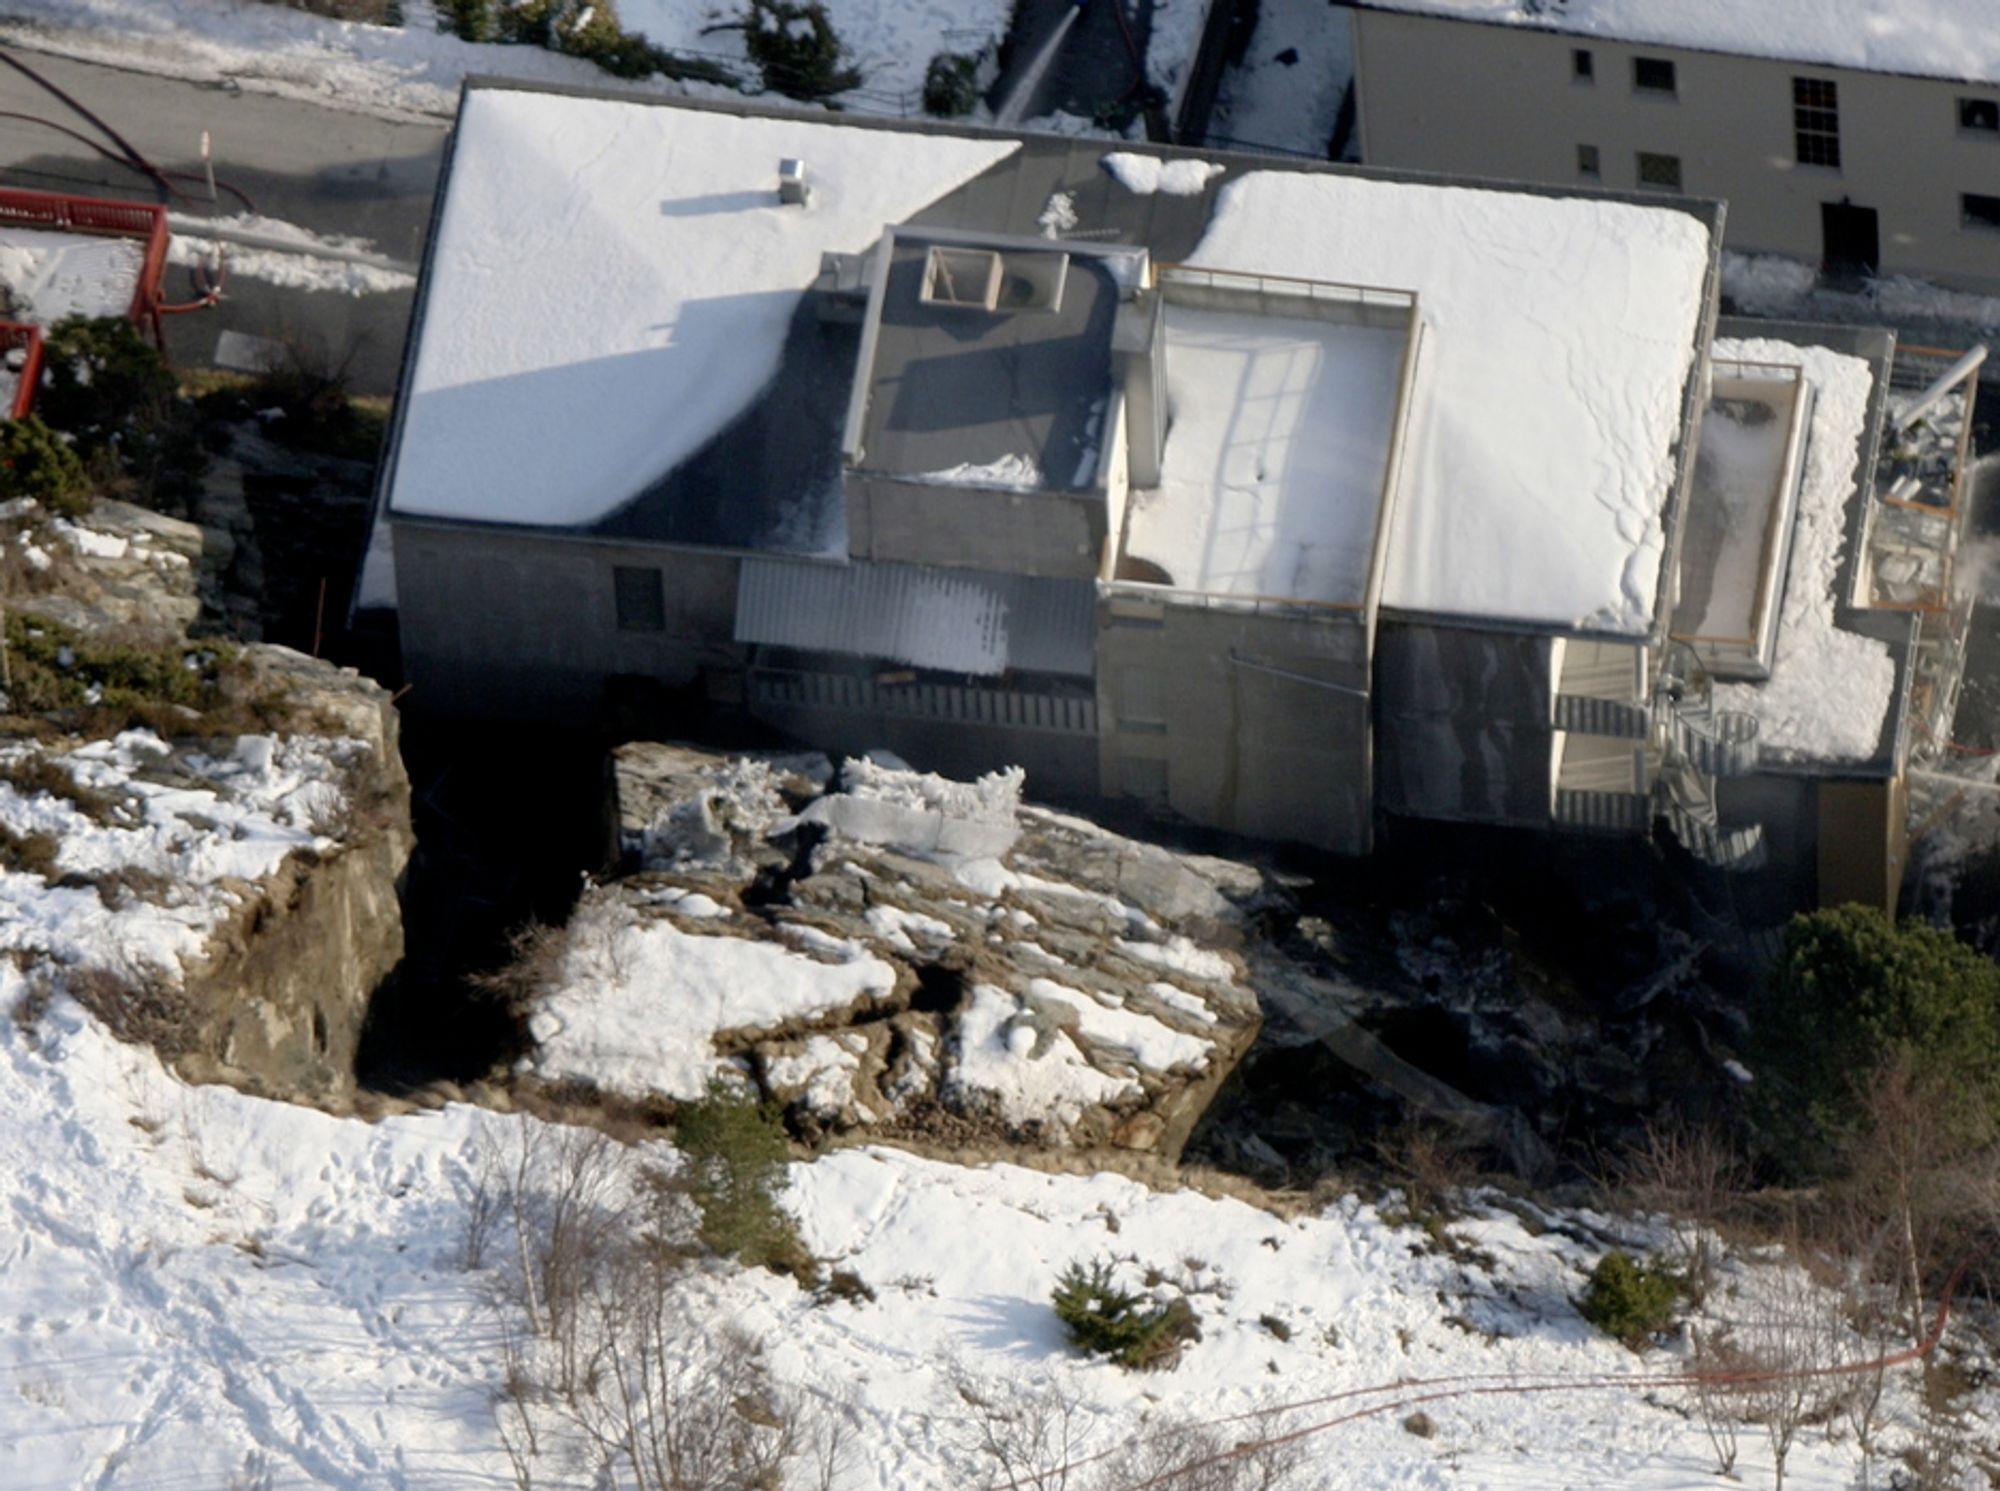 Etter Ålesund-raset etterlyser ingeniørgeologene større fokus på geokompetanse i norske byggeprosjekter.